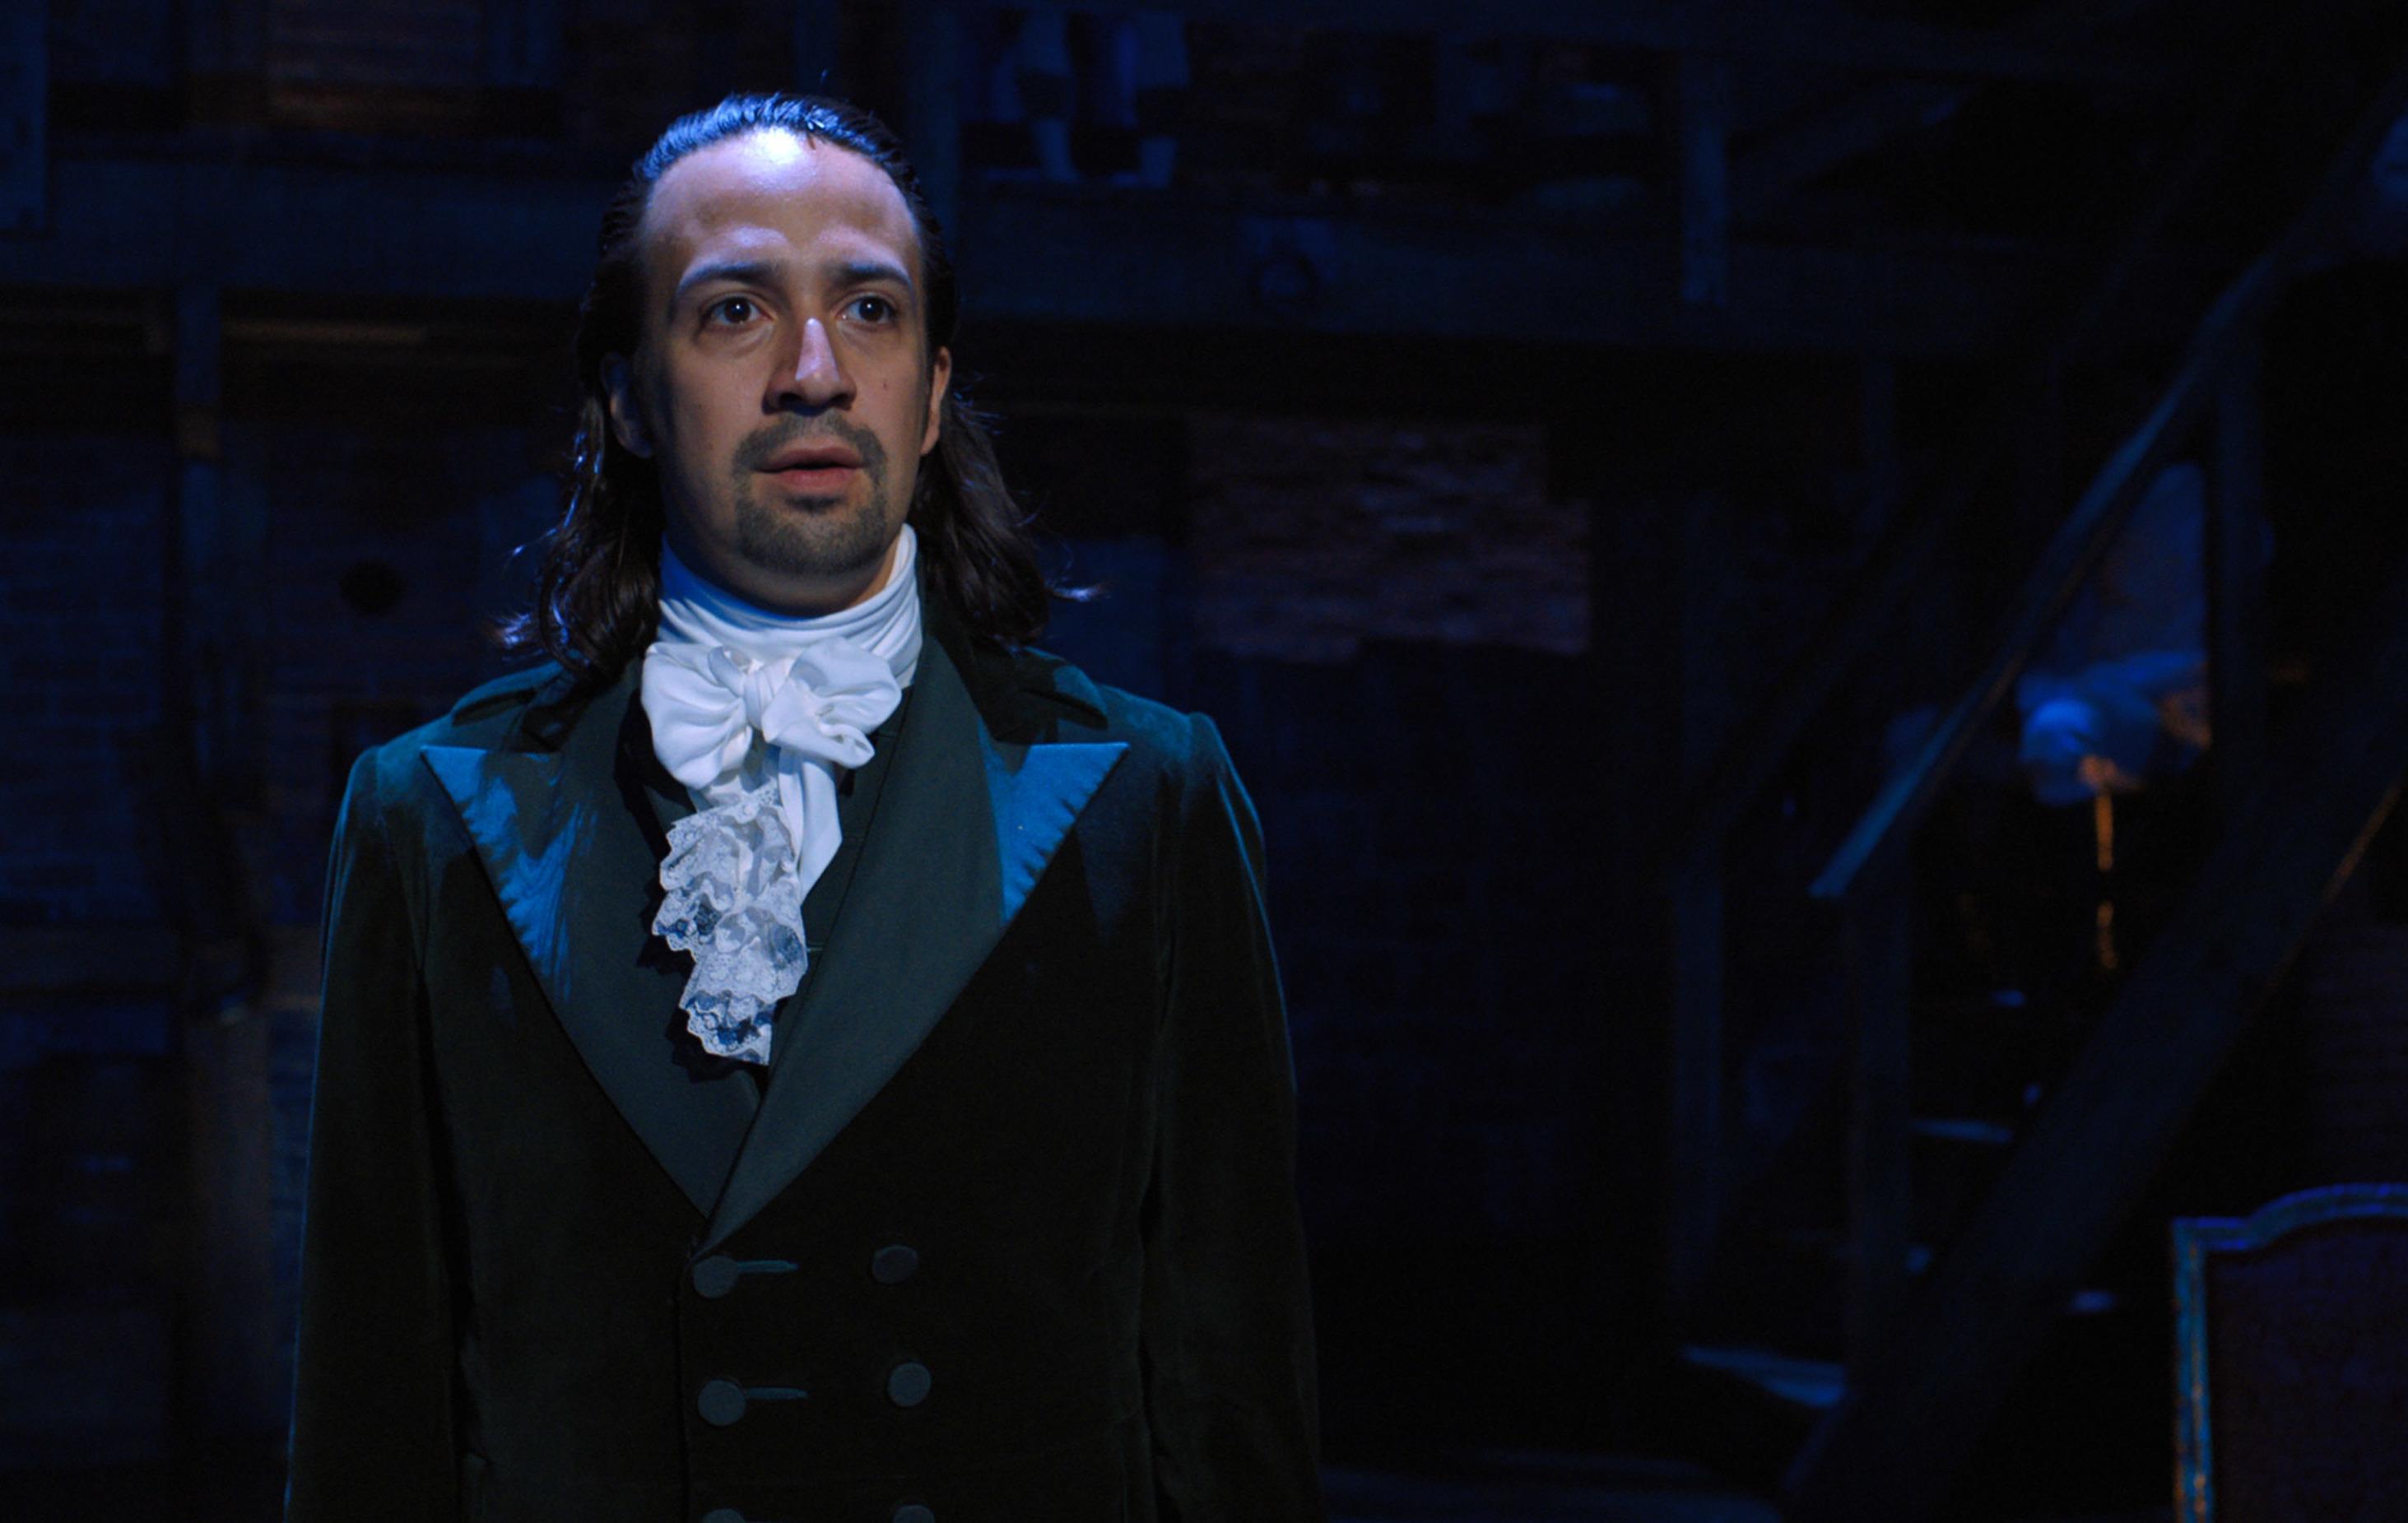 Lin-Manuel Miranda in the filmed Hamilton musical